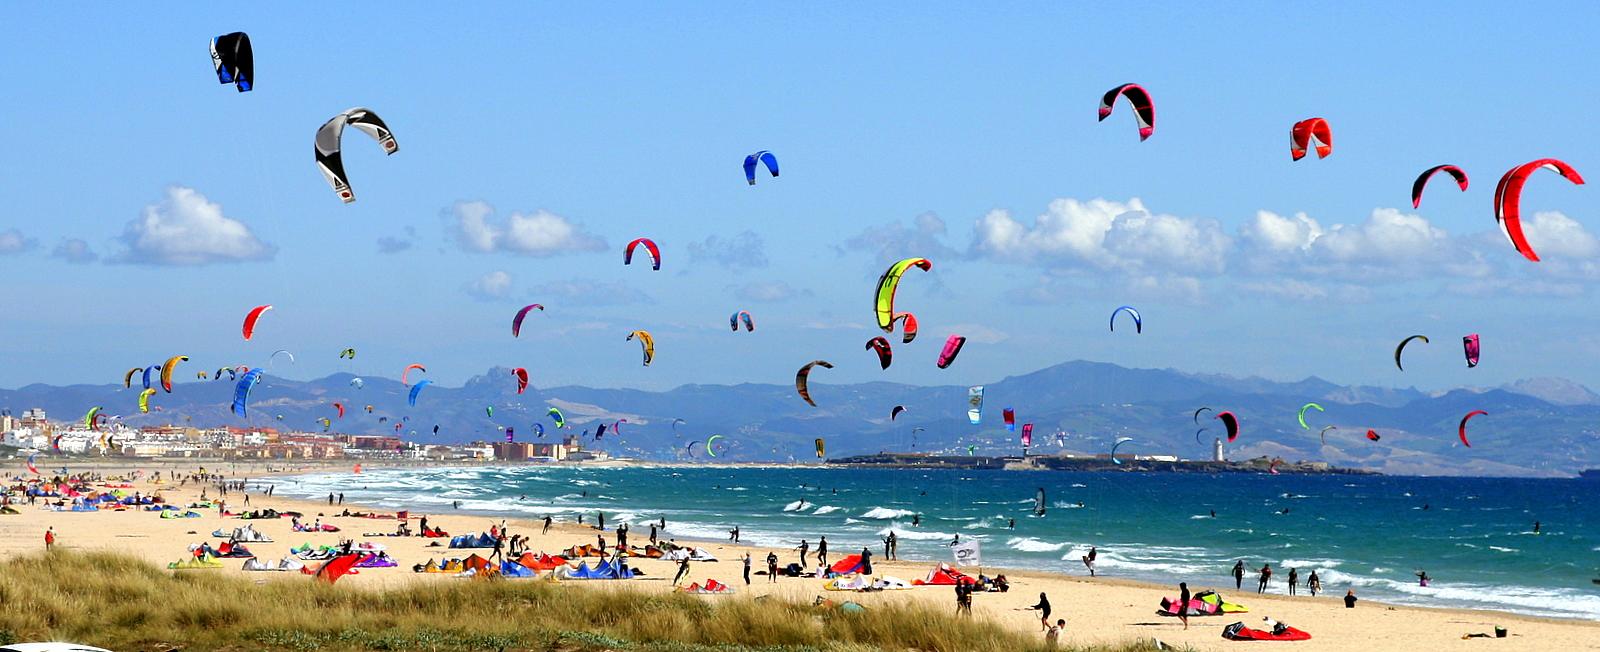 kite row